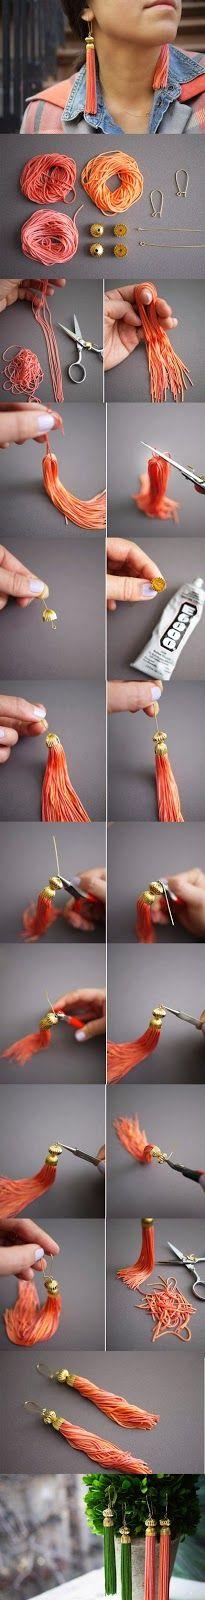 Nous revoilà réunis en ce jour pour la 2ème édition des 10 DIY pour réaliser ses propres bijoux.